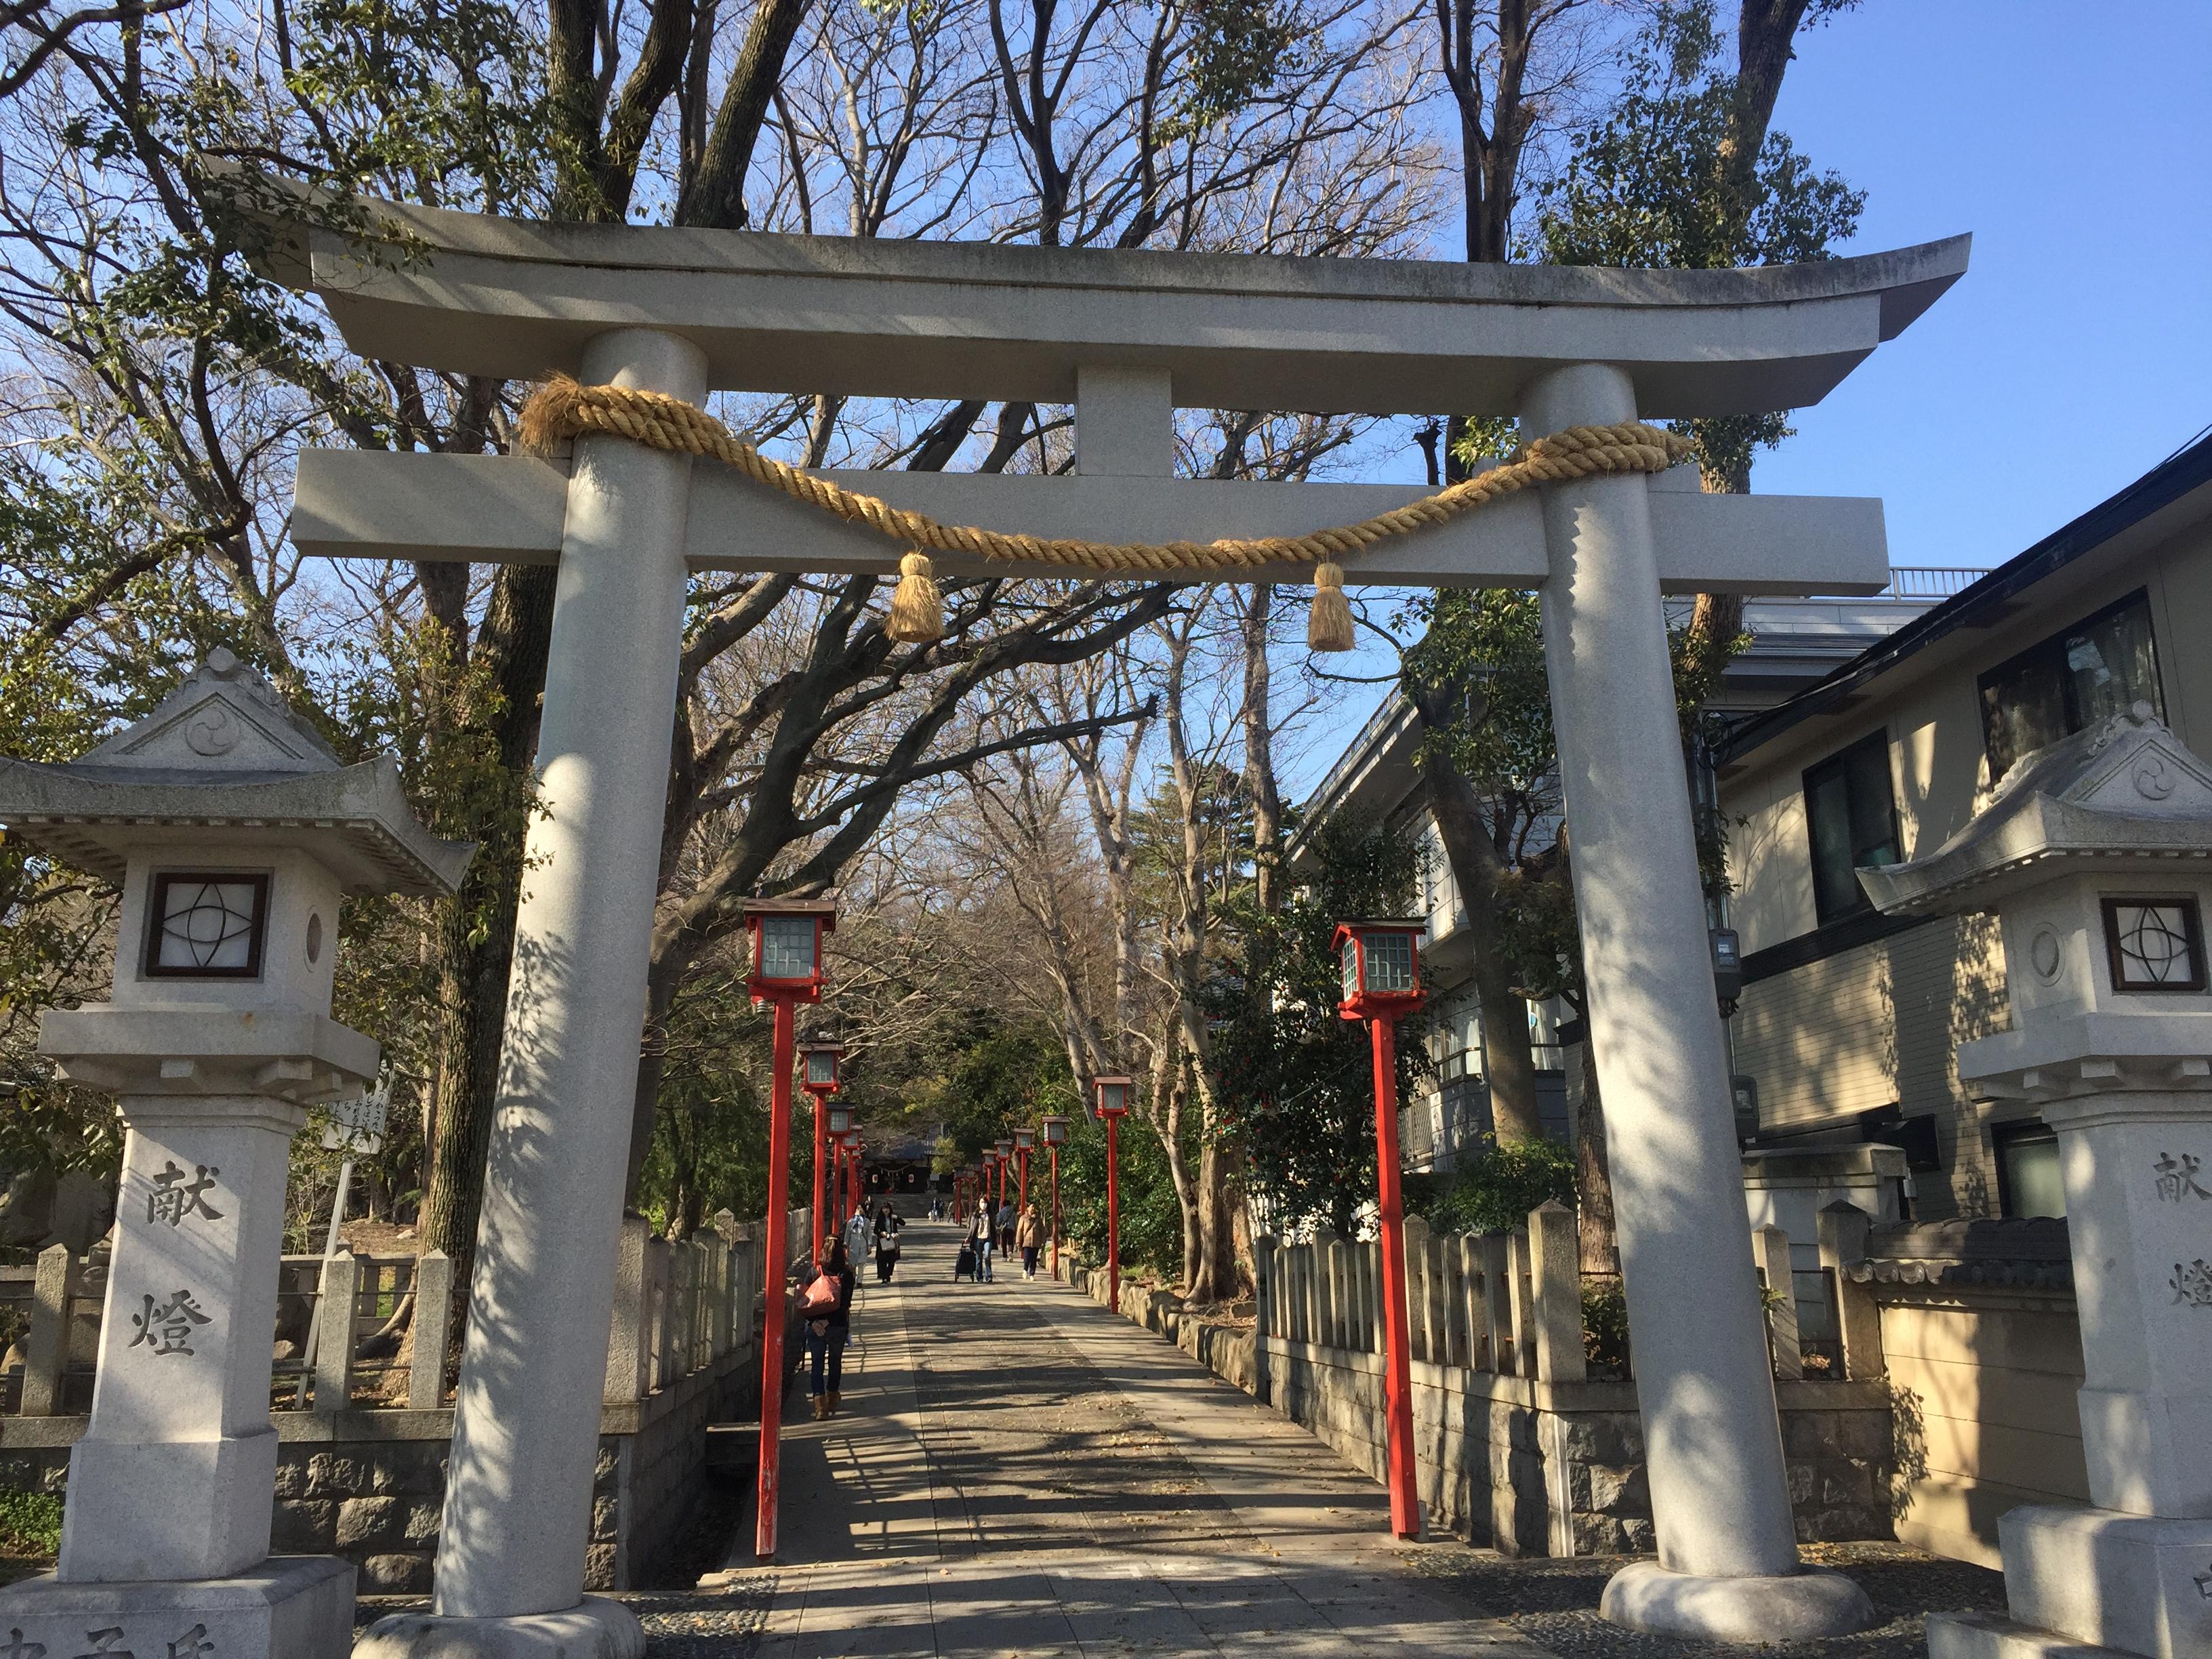 阪急六甲にある「六甲八幡神社」の境内で陽気にリフレッシュ♪【※写真付レポ】